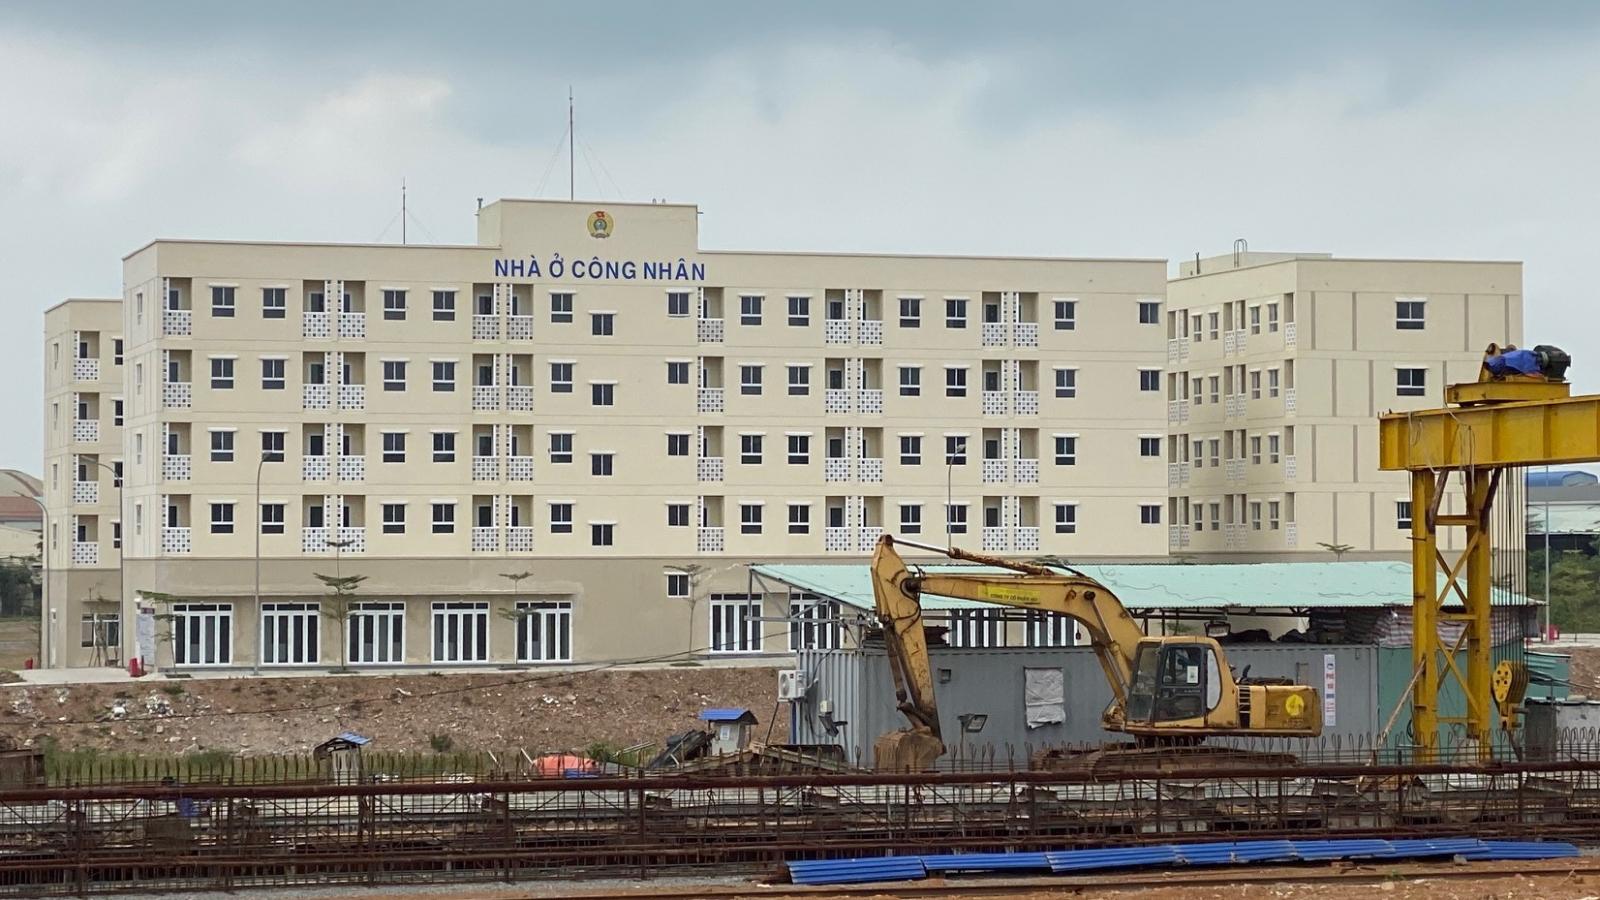 Cần xây dựng nhà ở công nhân cho khu vực Tây Bắc Đà Nẵng